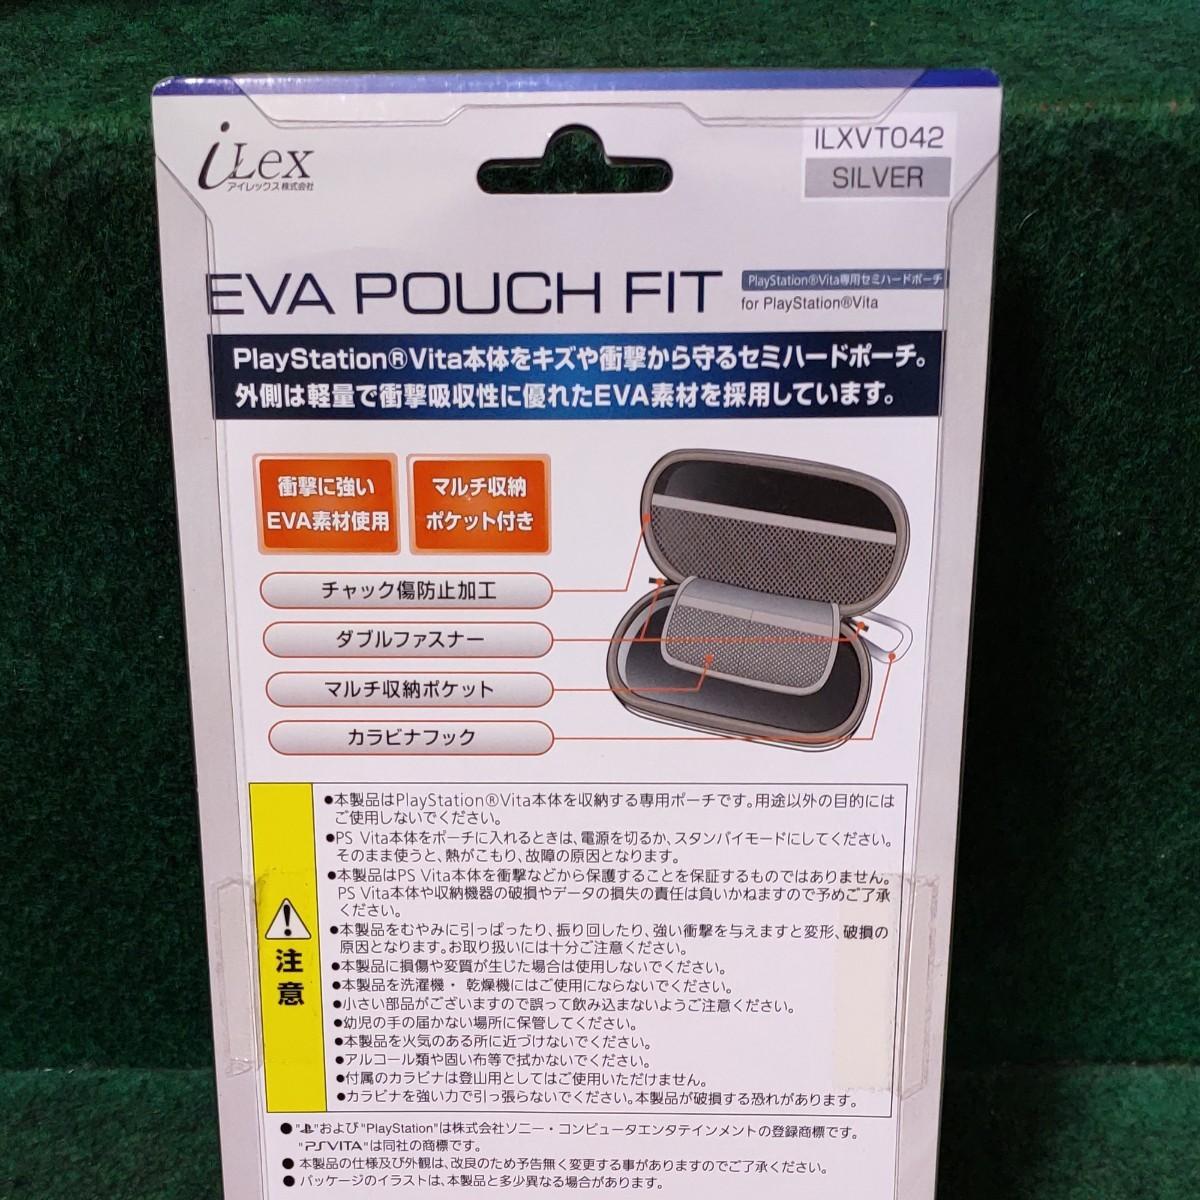 PlayStation オフィシャルライセンス商品 PS Vita用セミハードポーチ EVAポーチFIT (シルバー)